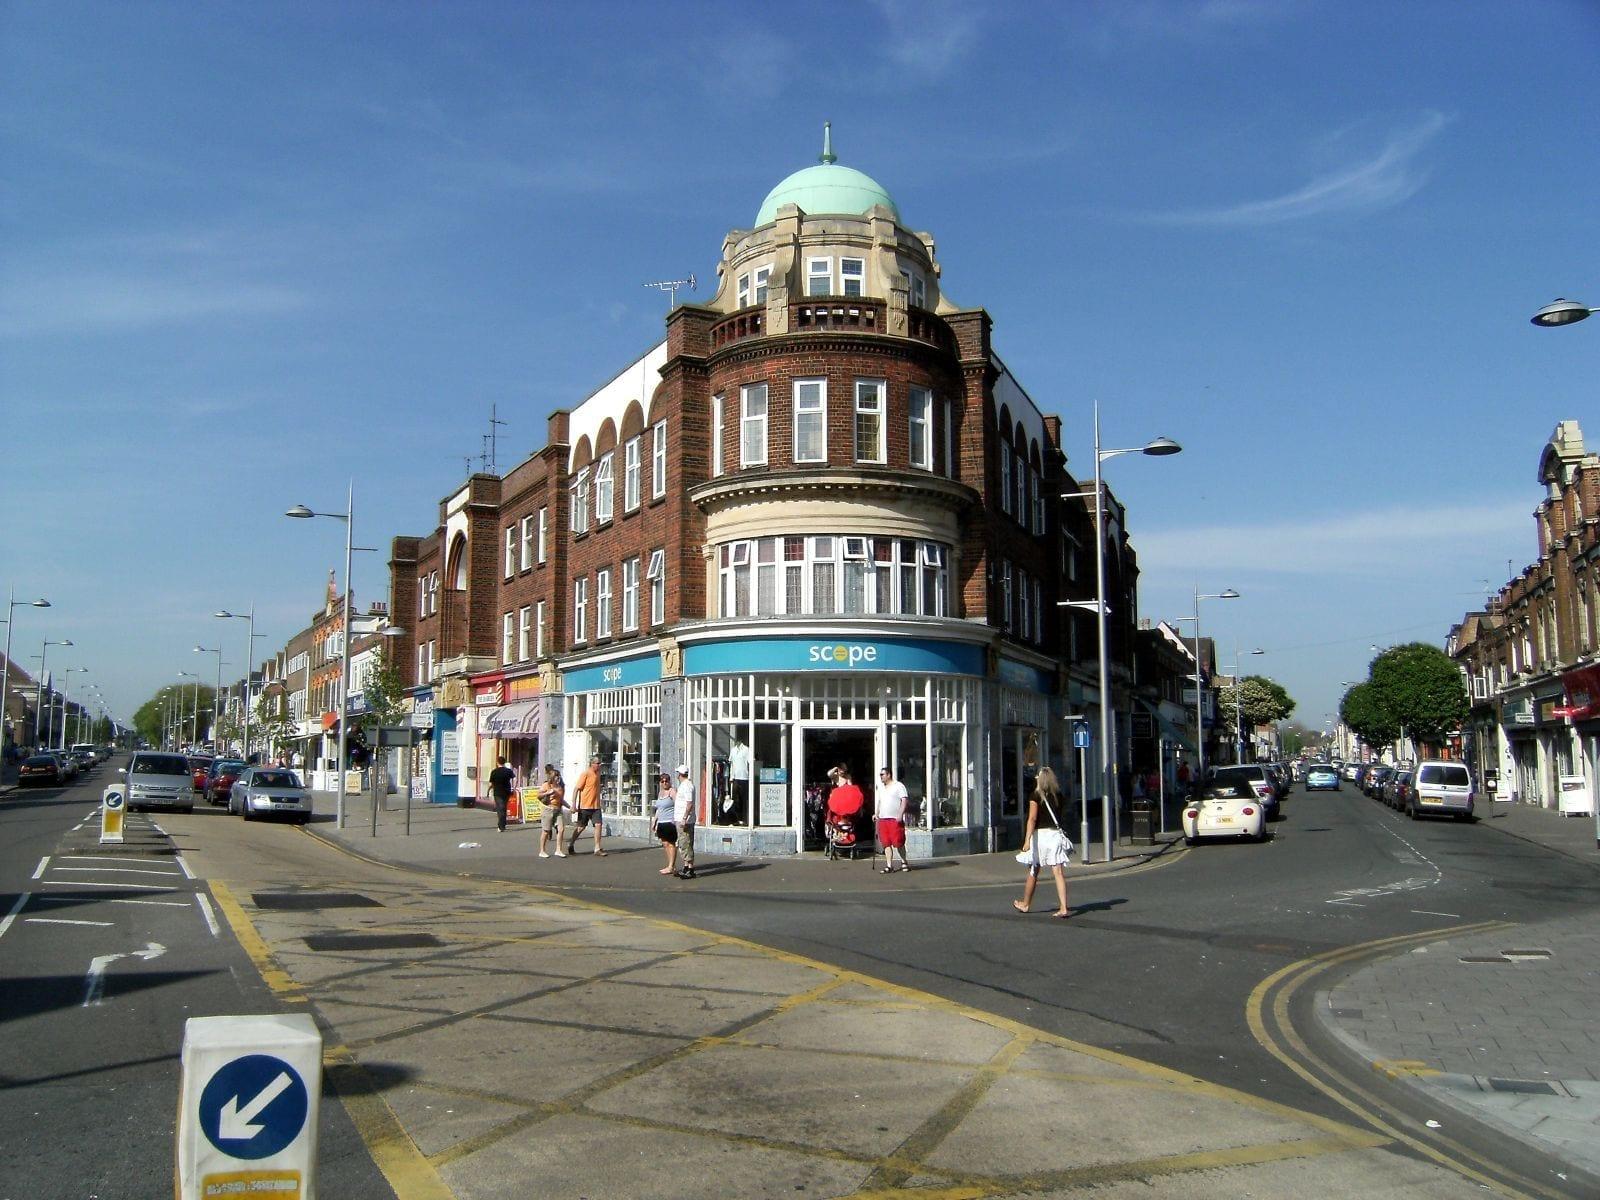 Las calles de Clacton-on-Sea Clacton-on-sea Reino Unido